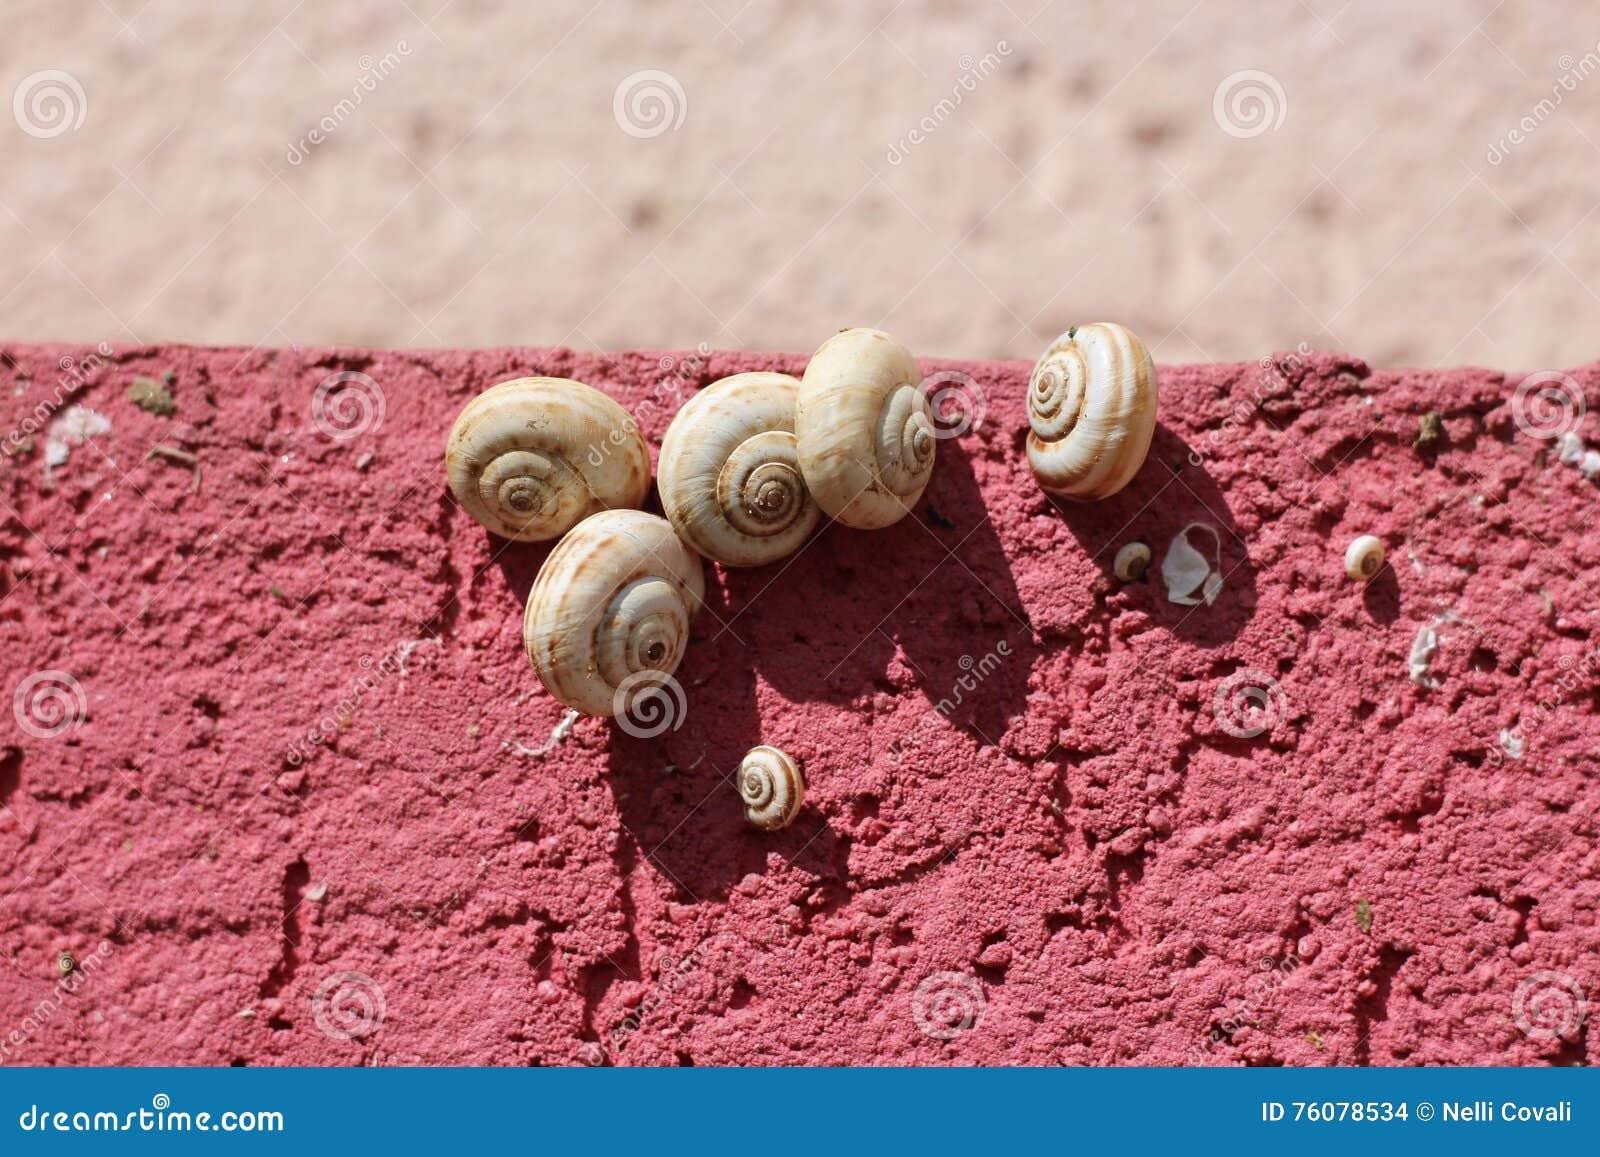 Cinq escargots de jardin blancs sur un mur rose